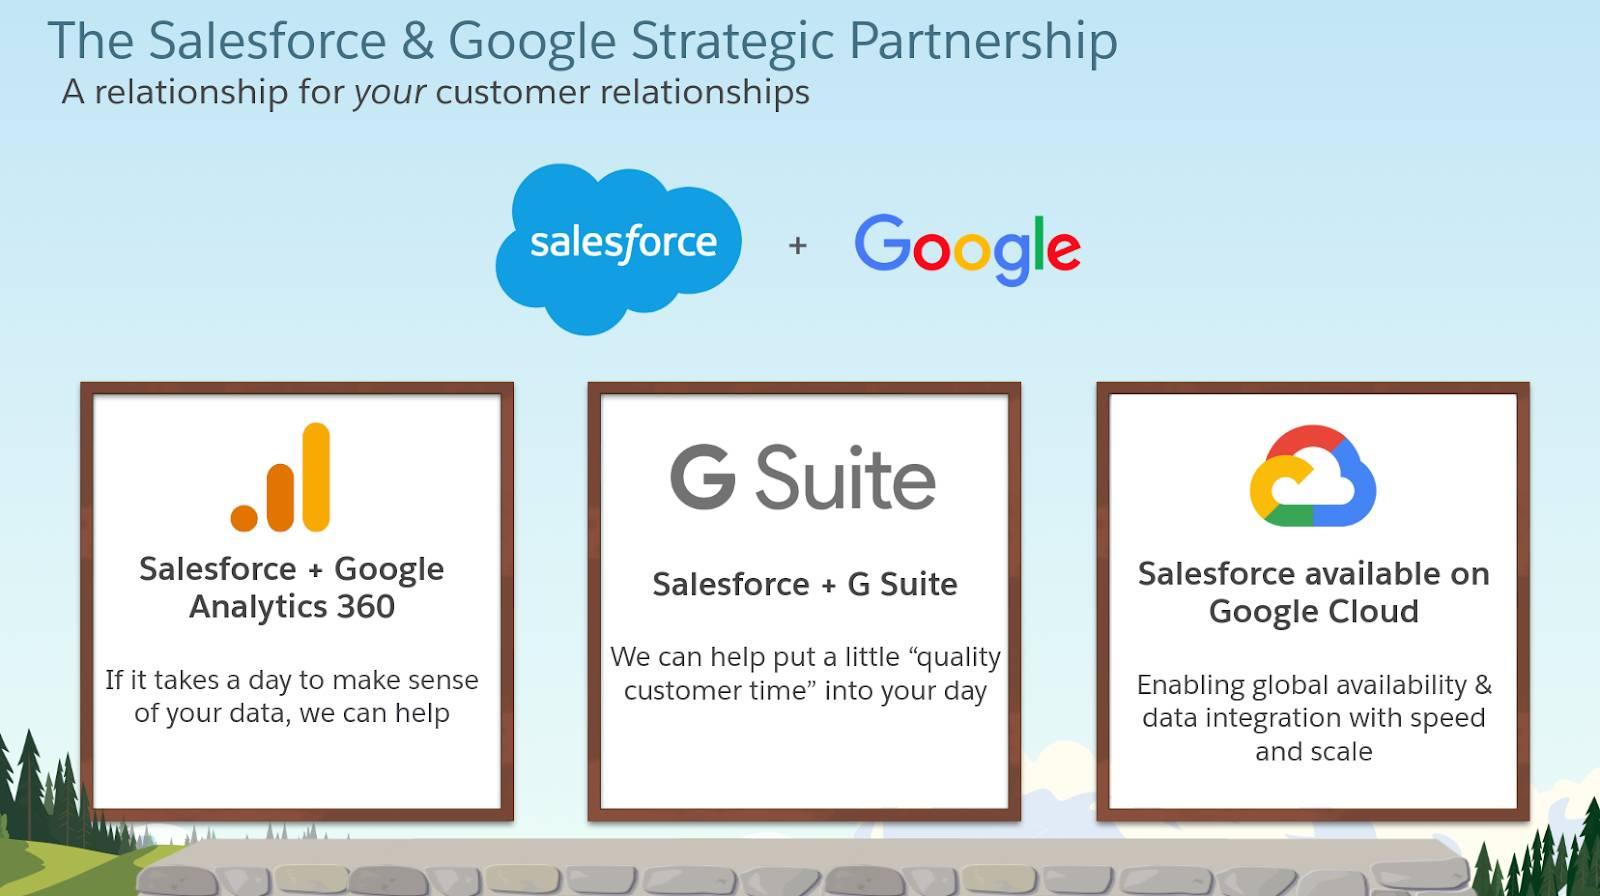 Salesforce と Google の戦略的パートナーシップの焦点は、Google マーケティングプラットフォームとのインテグレーション、G Suite、Google Cloud での可用性、そしてお客様についての知識の増強です。